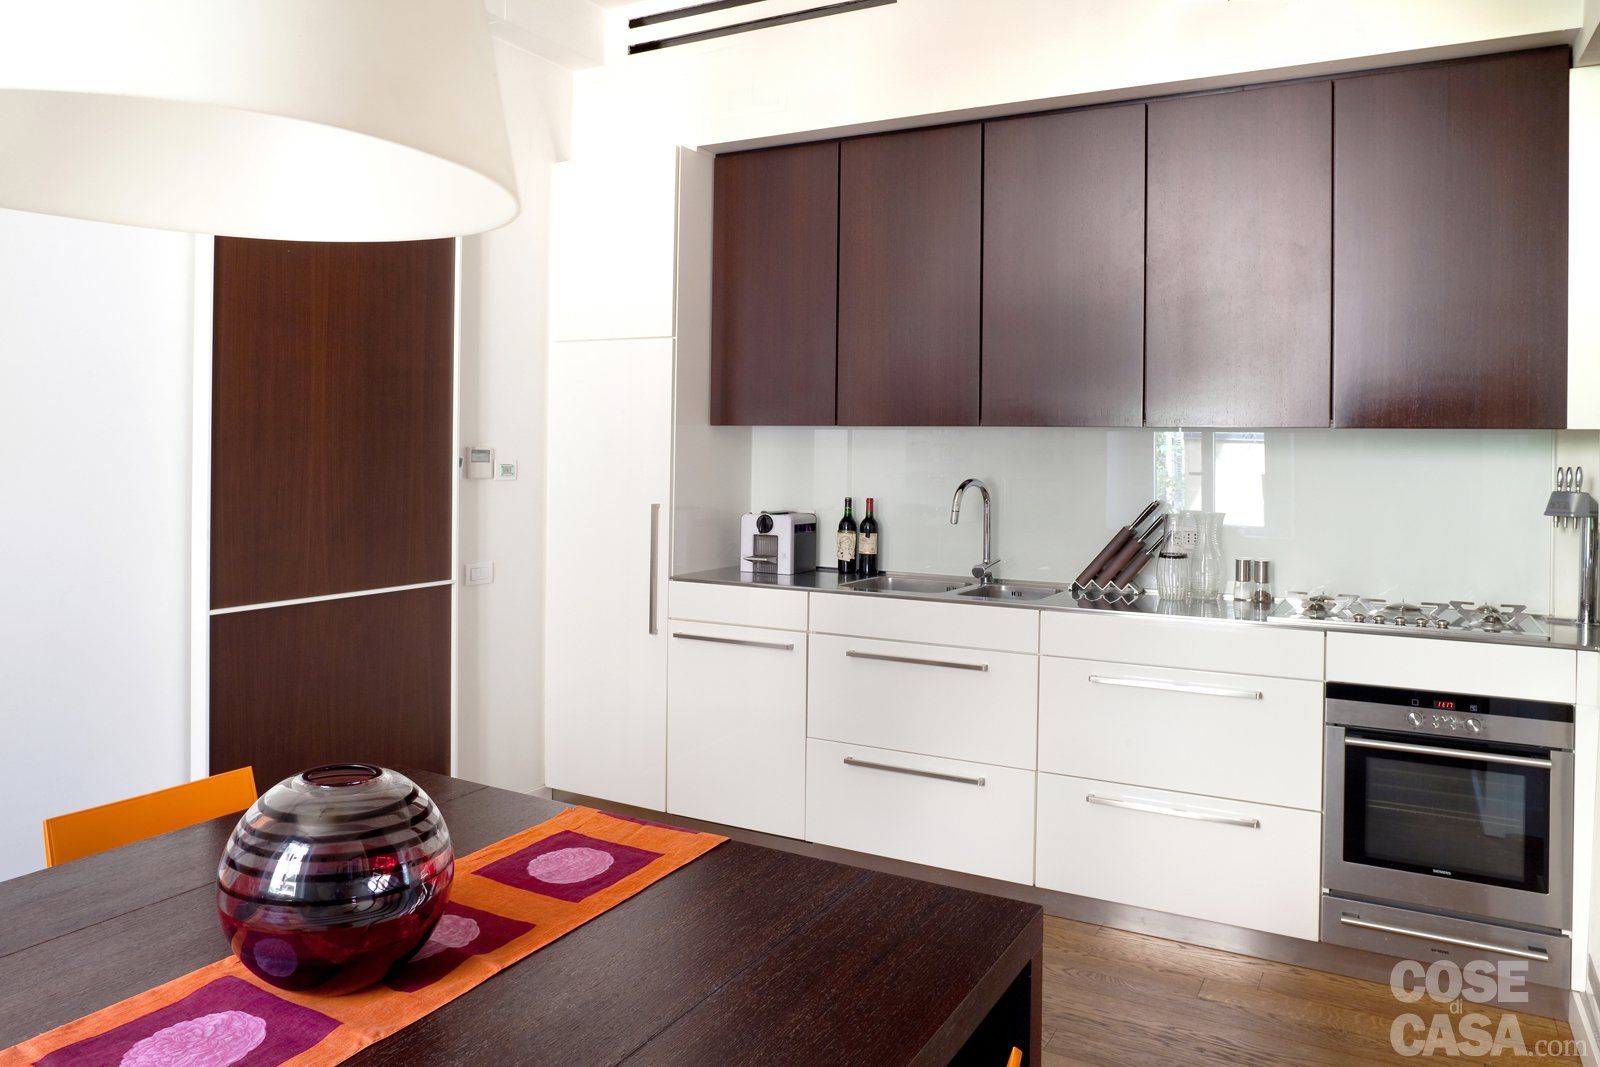 Casabook Immobiliare: 70 Mq: Casa Con Veranda #AE541D 1600 1067 Pensili Cucina IKEA